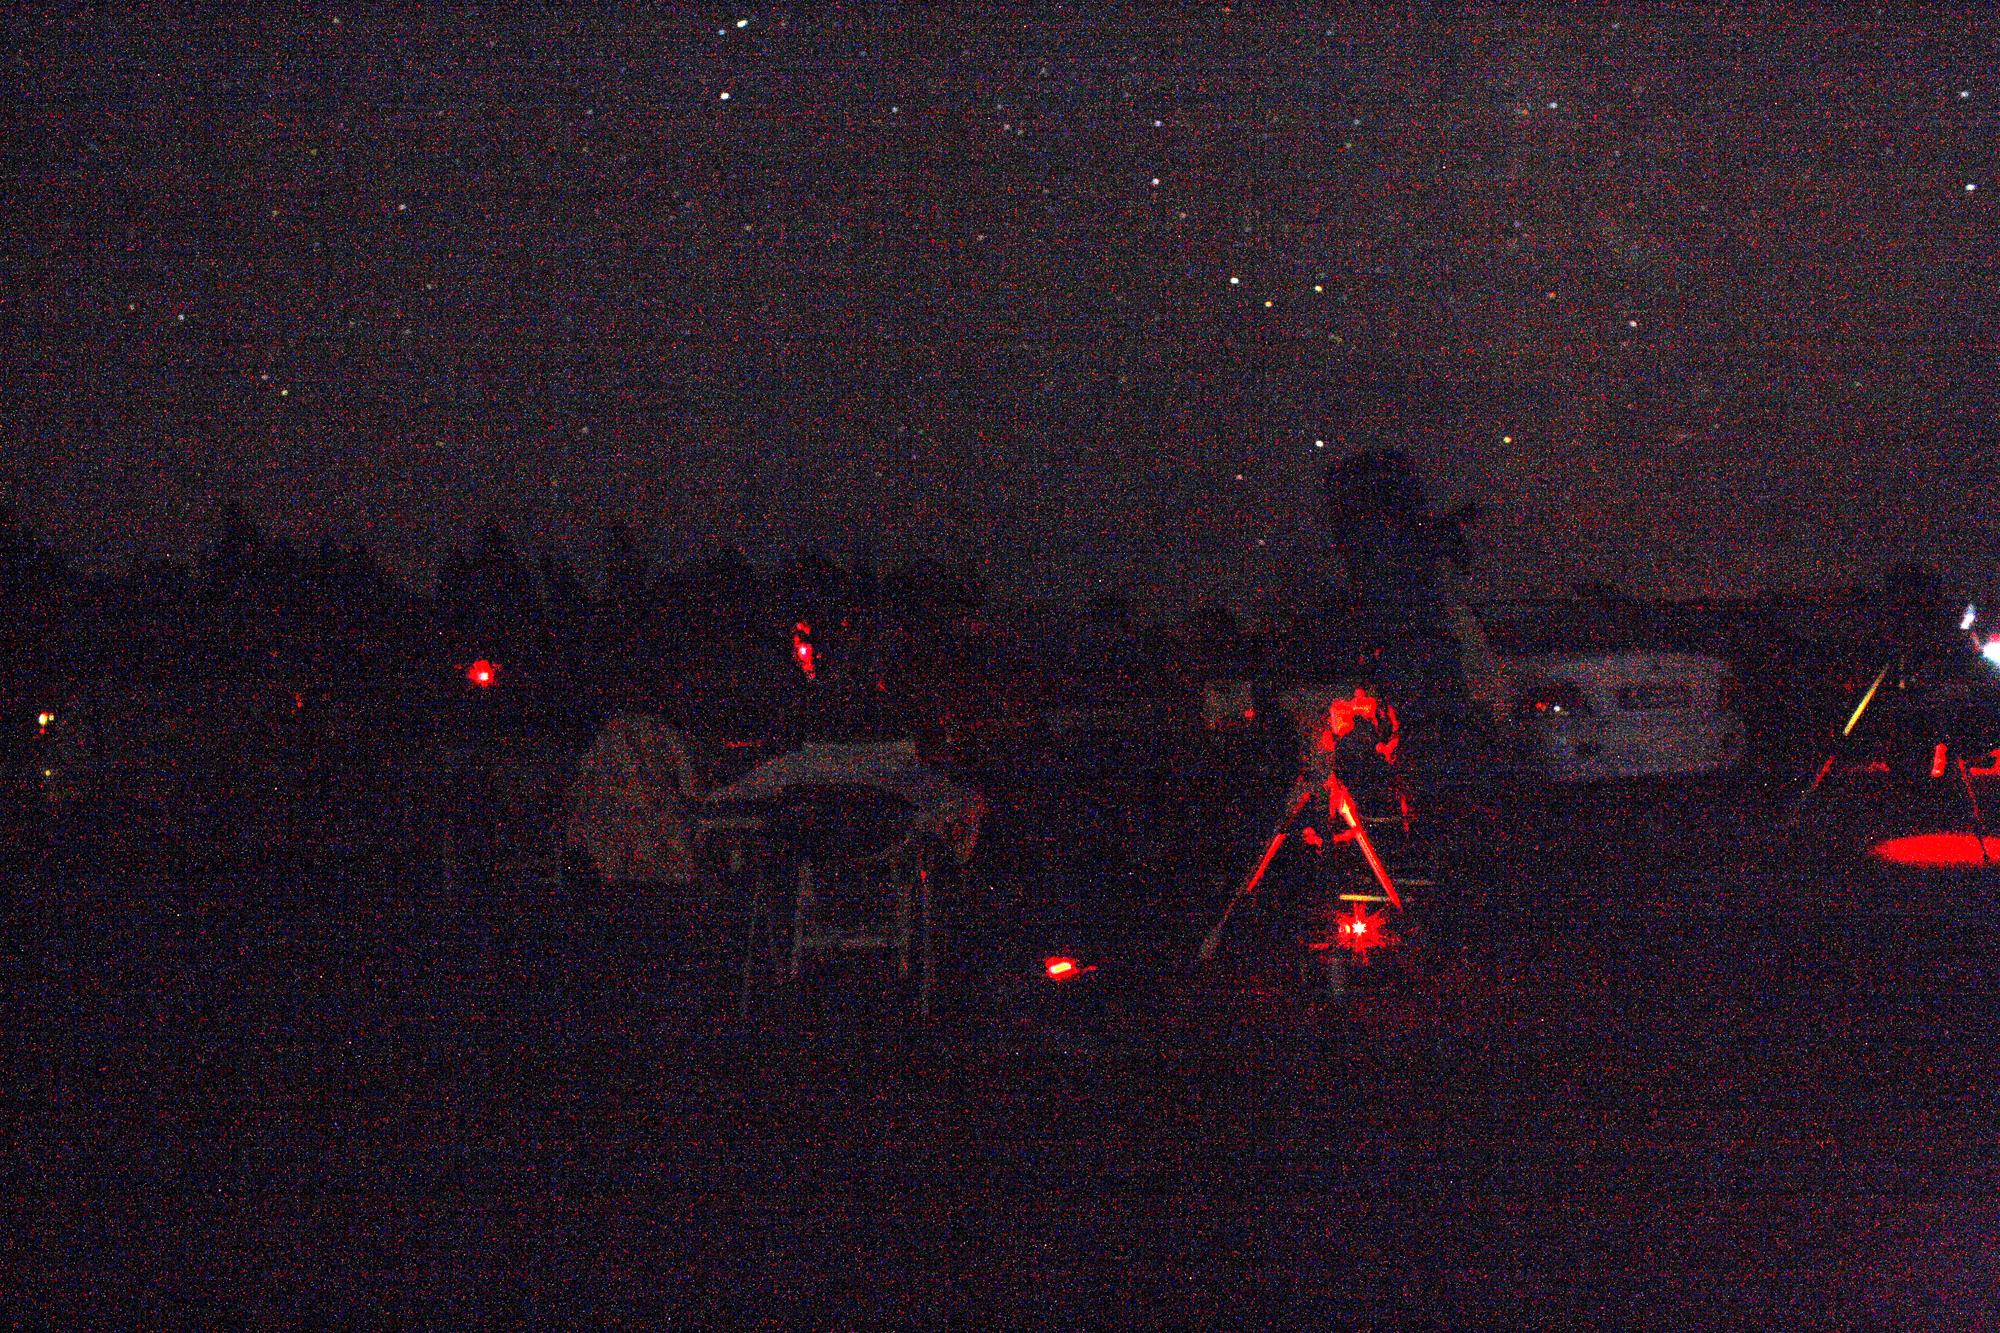 Sagittarius 12, fredag kväll 17.8.2012 Eketorp borgs p-plats